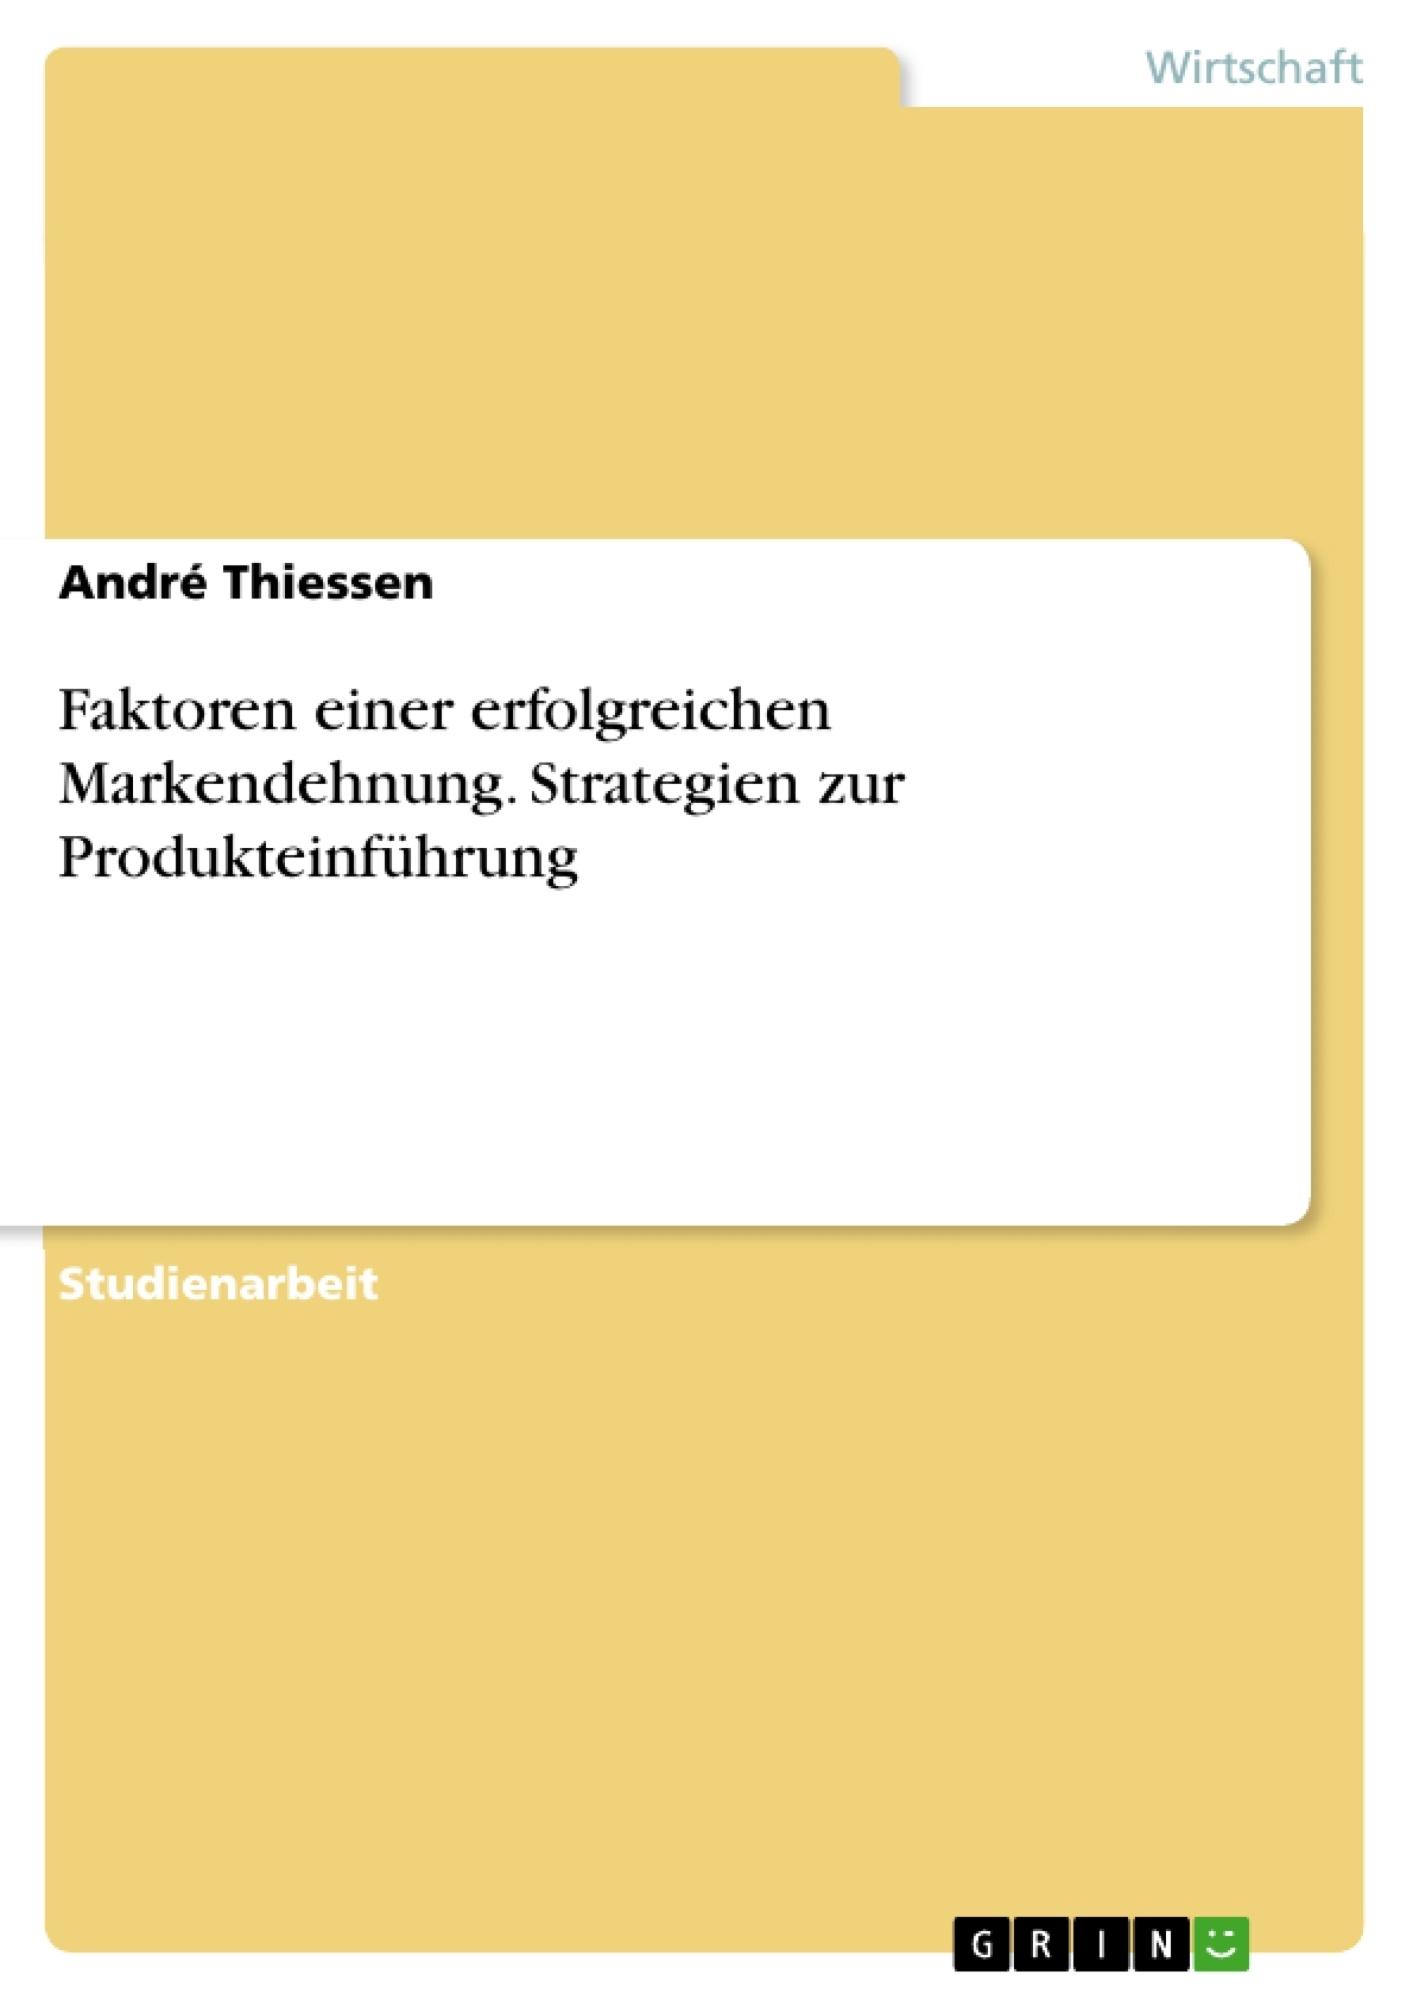 Titel: Faktoren einer erfolgreichen Markendehnung. Strategien zur Produkteinführung